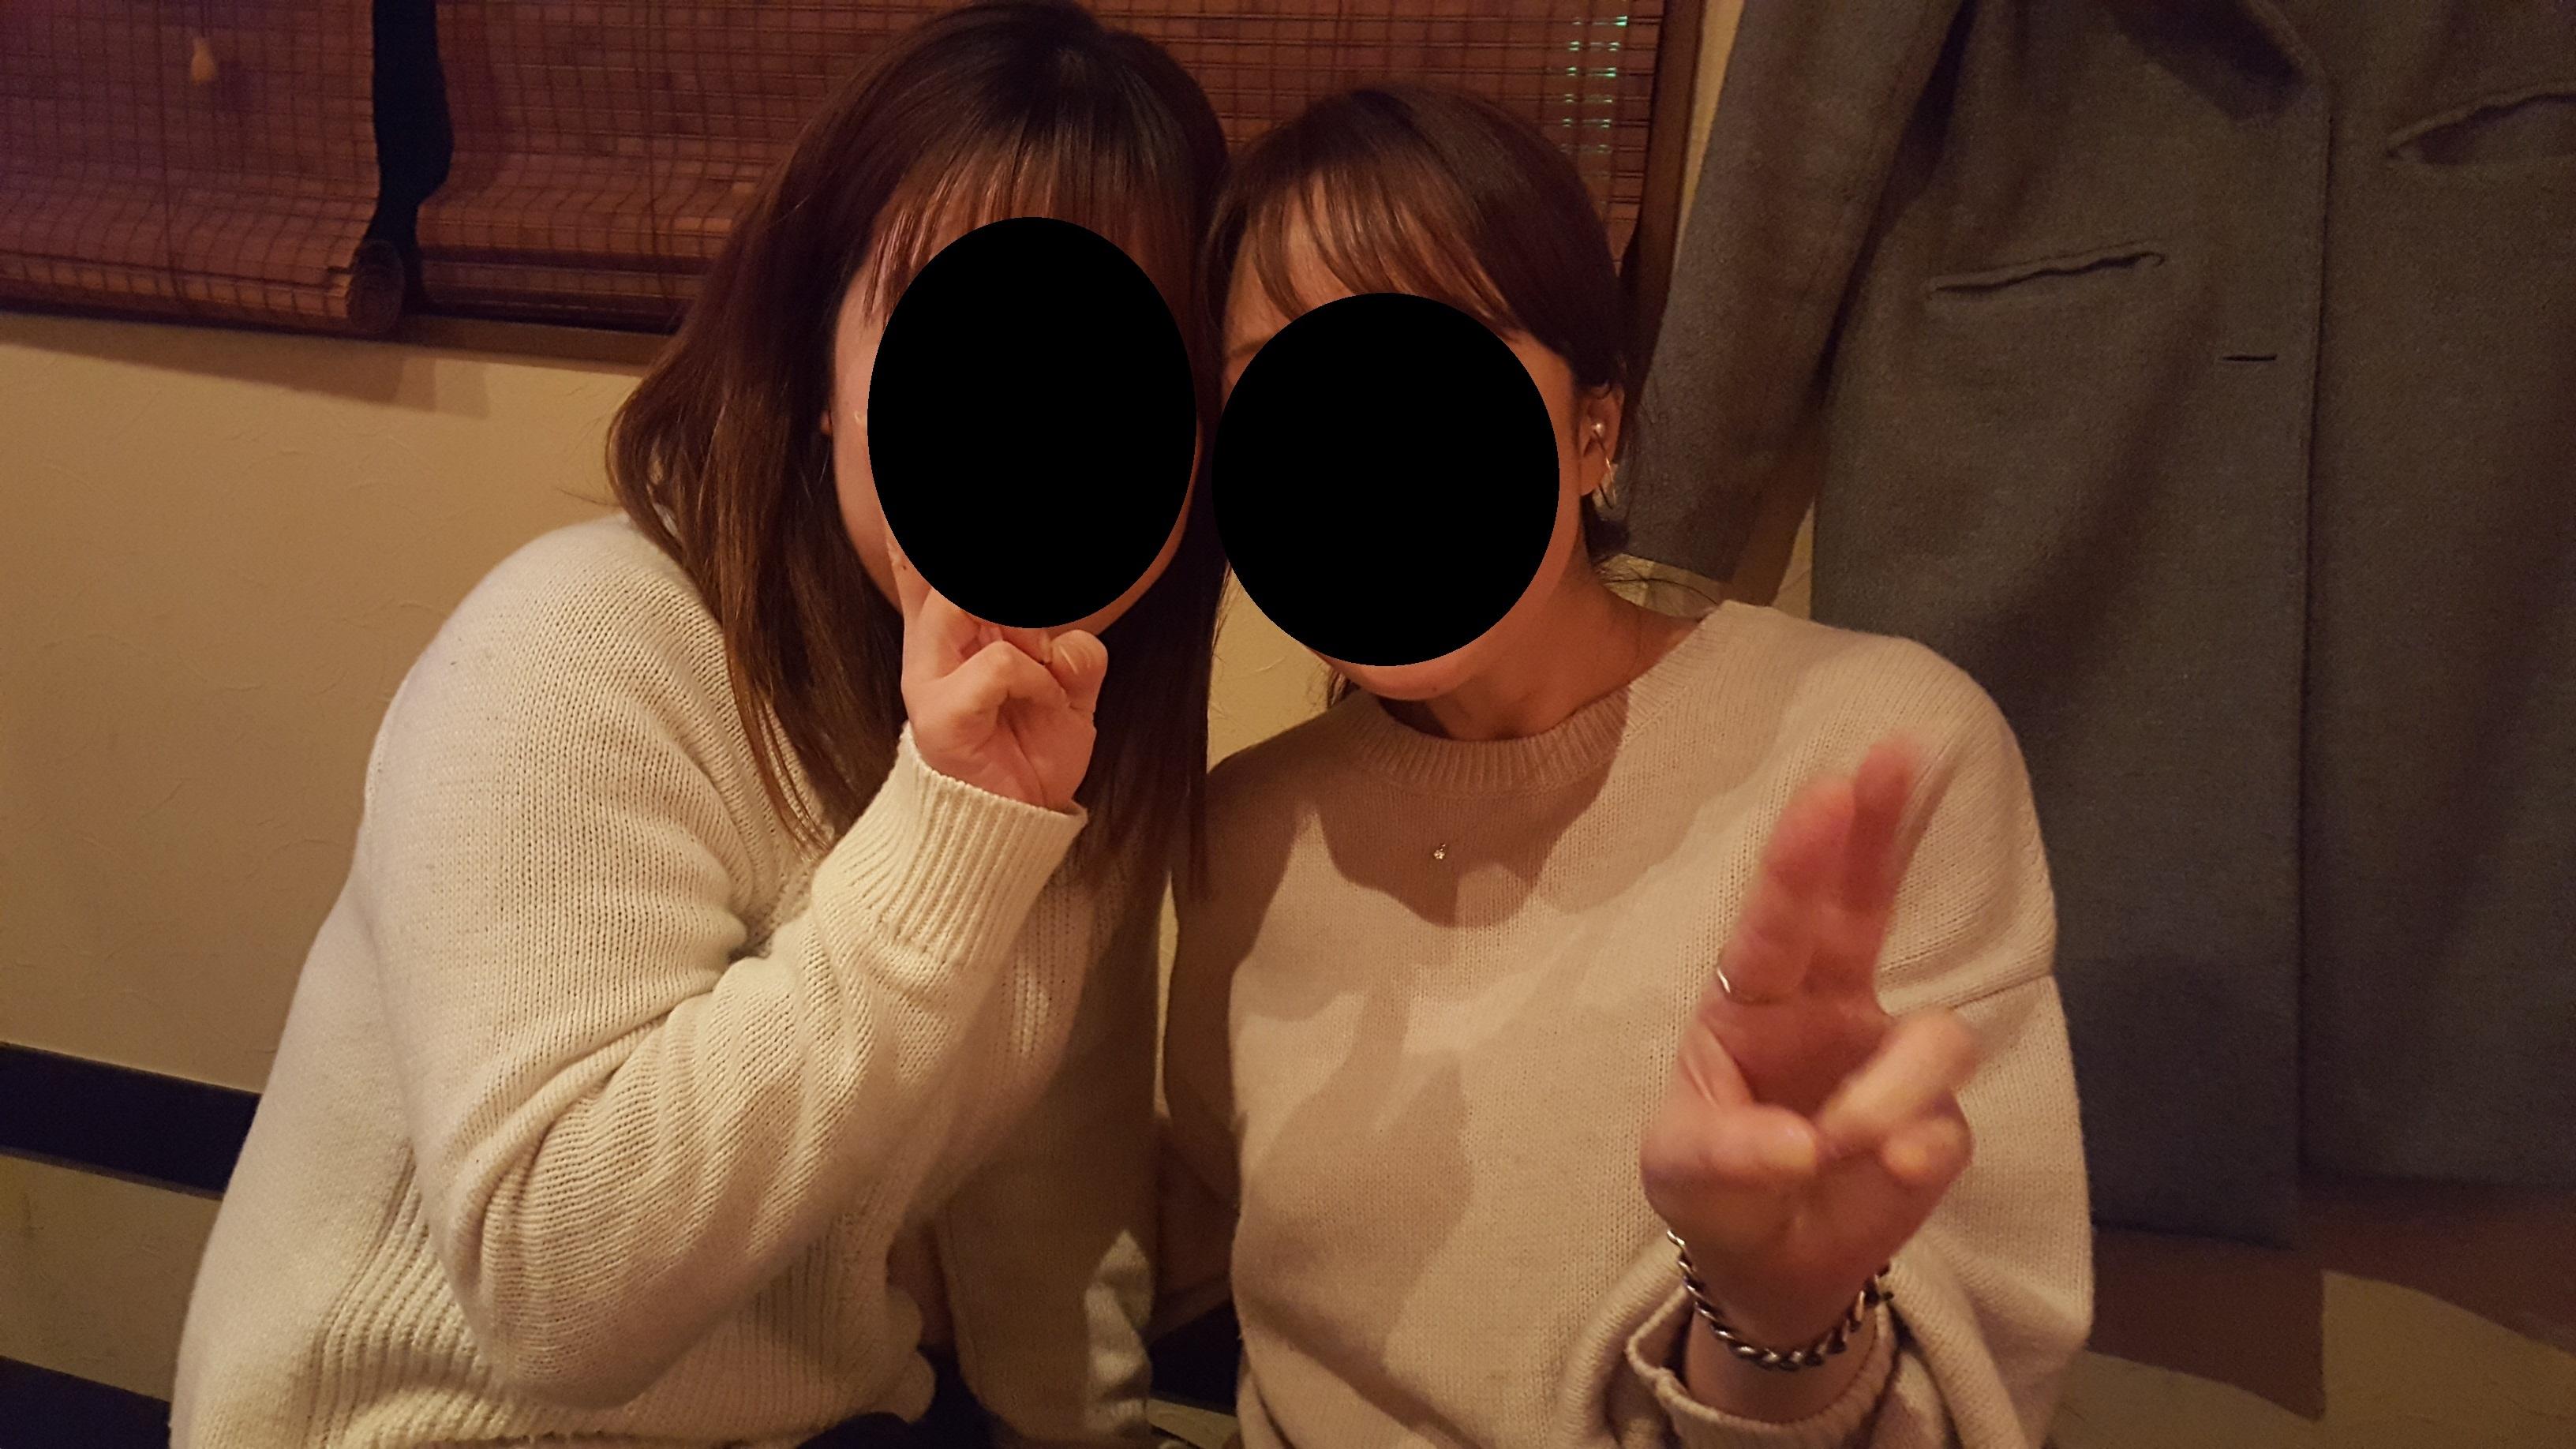 20161105_235602.jpg